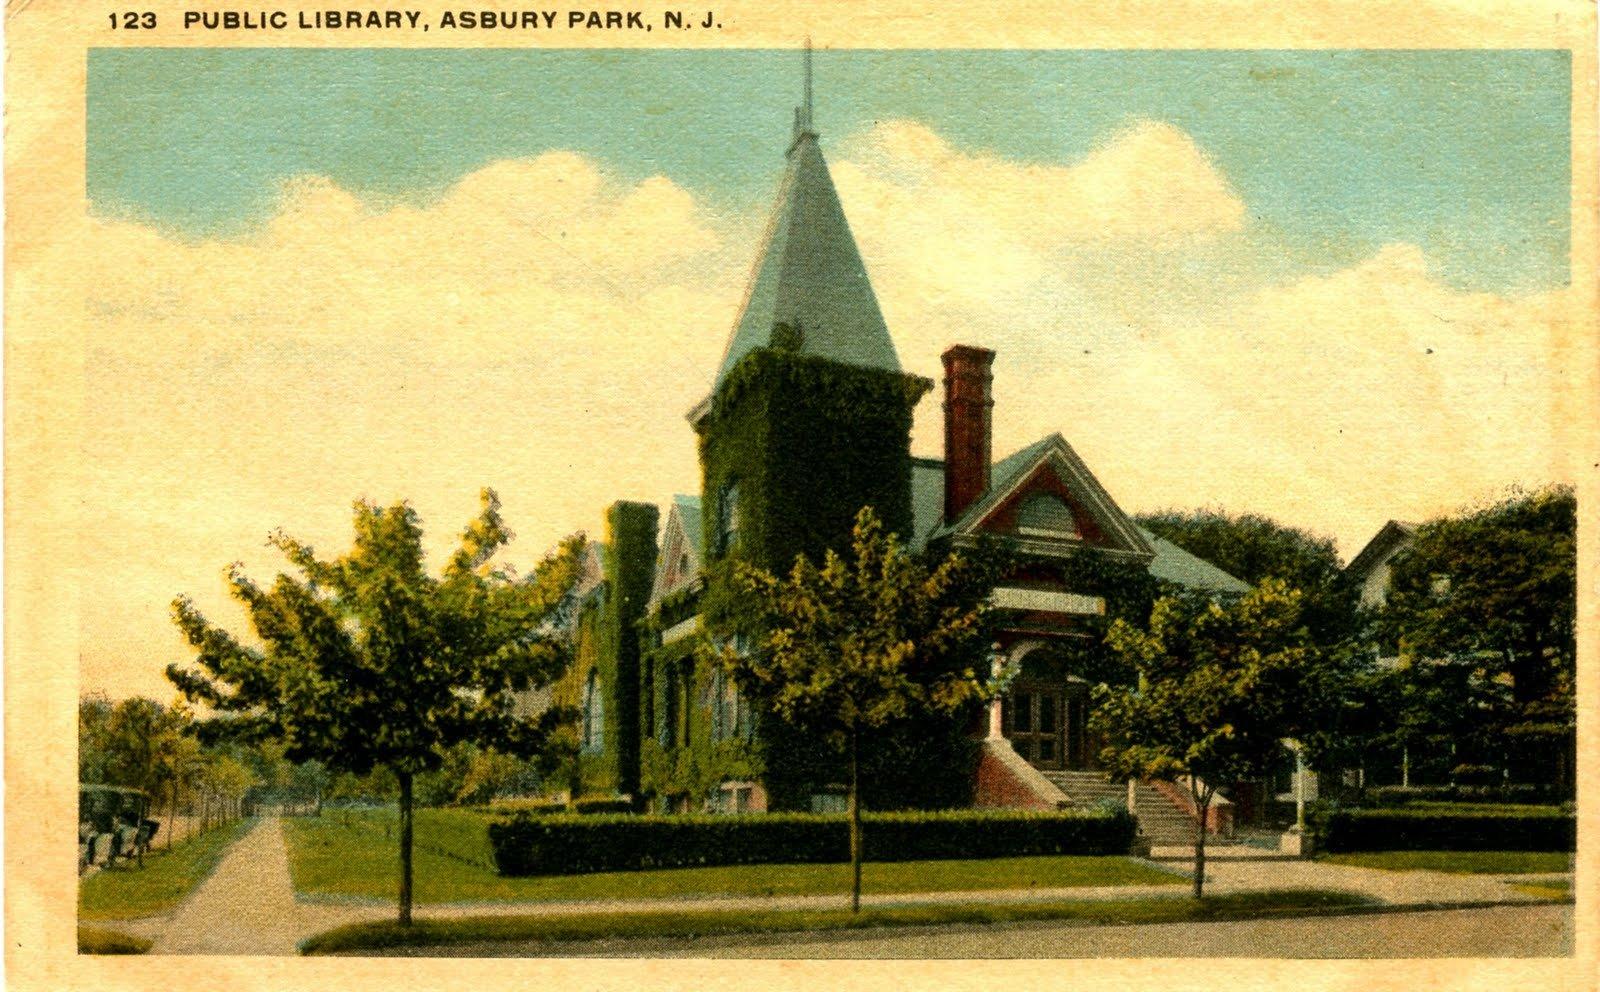 Photo Credit: librarypostcards.blogspot.com